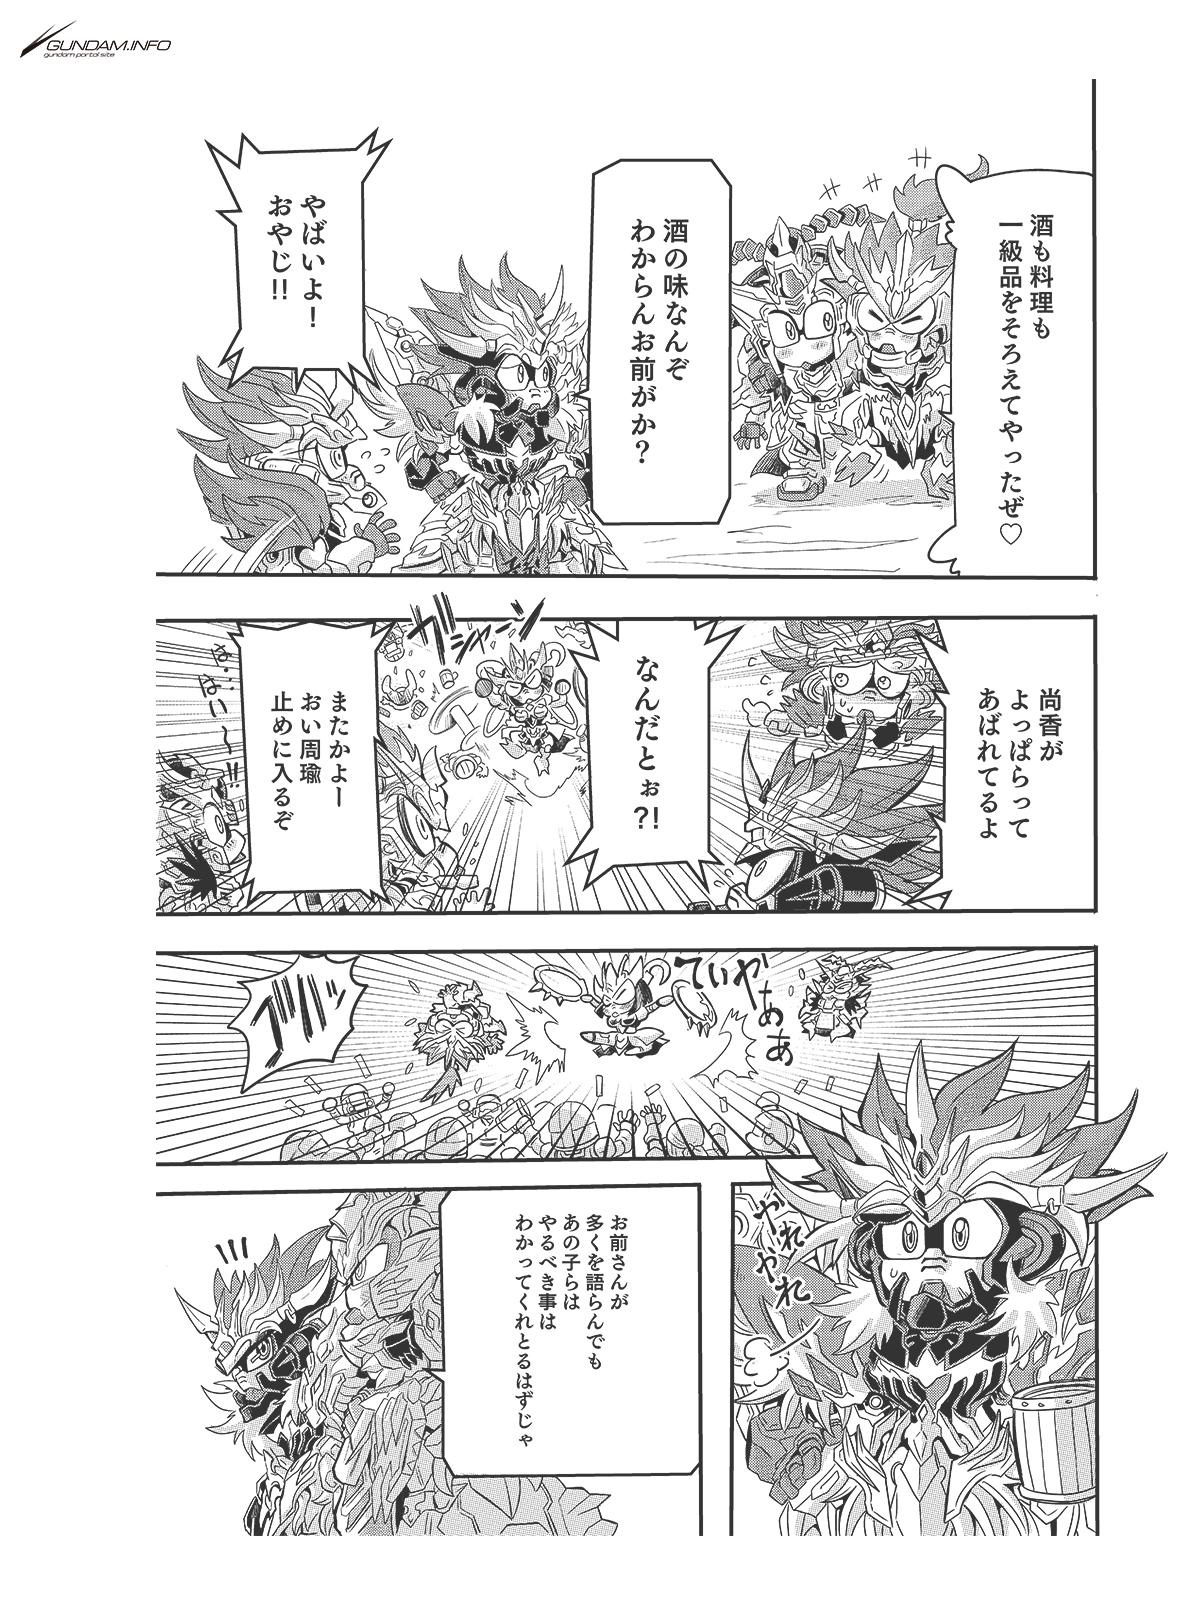 SDガンダムワールド 三国創傑伝 焔虎譚 第8話 P3